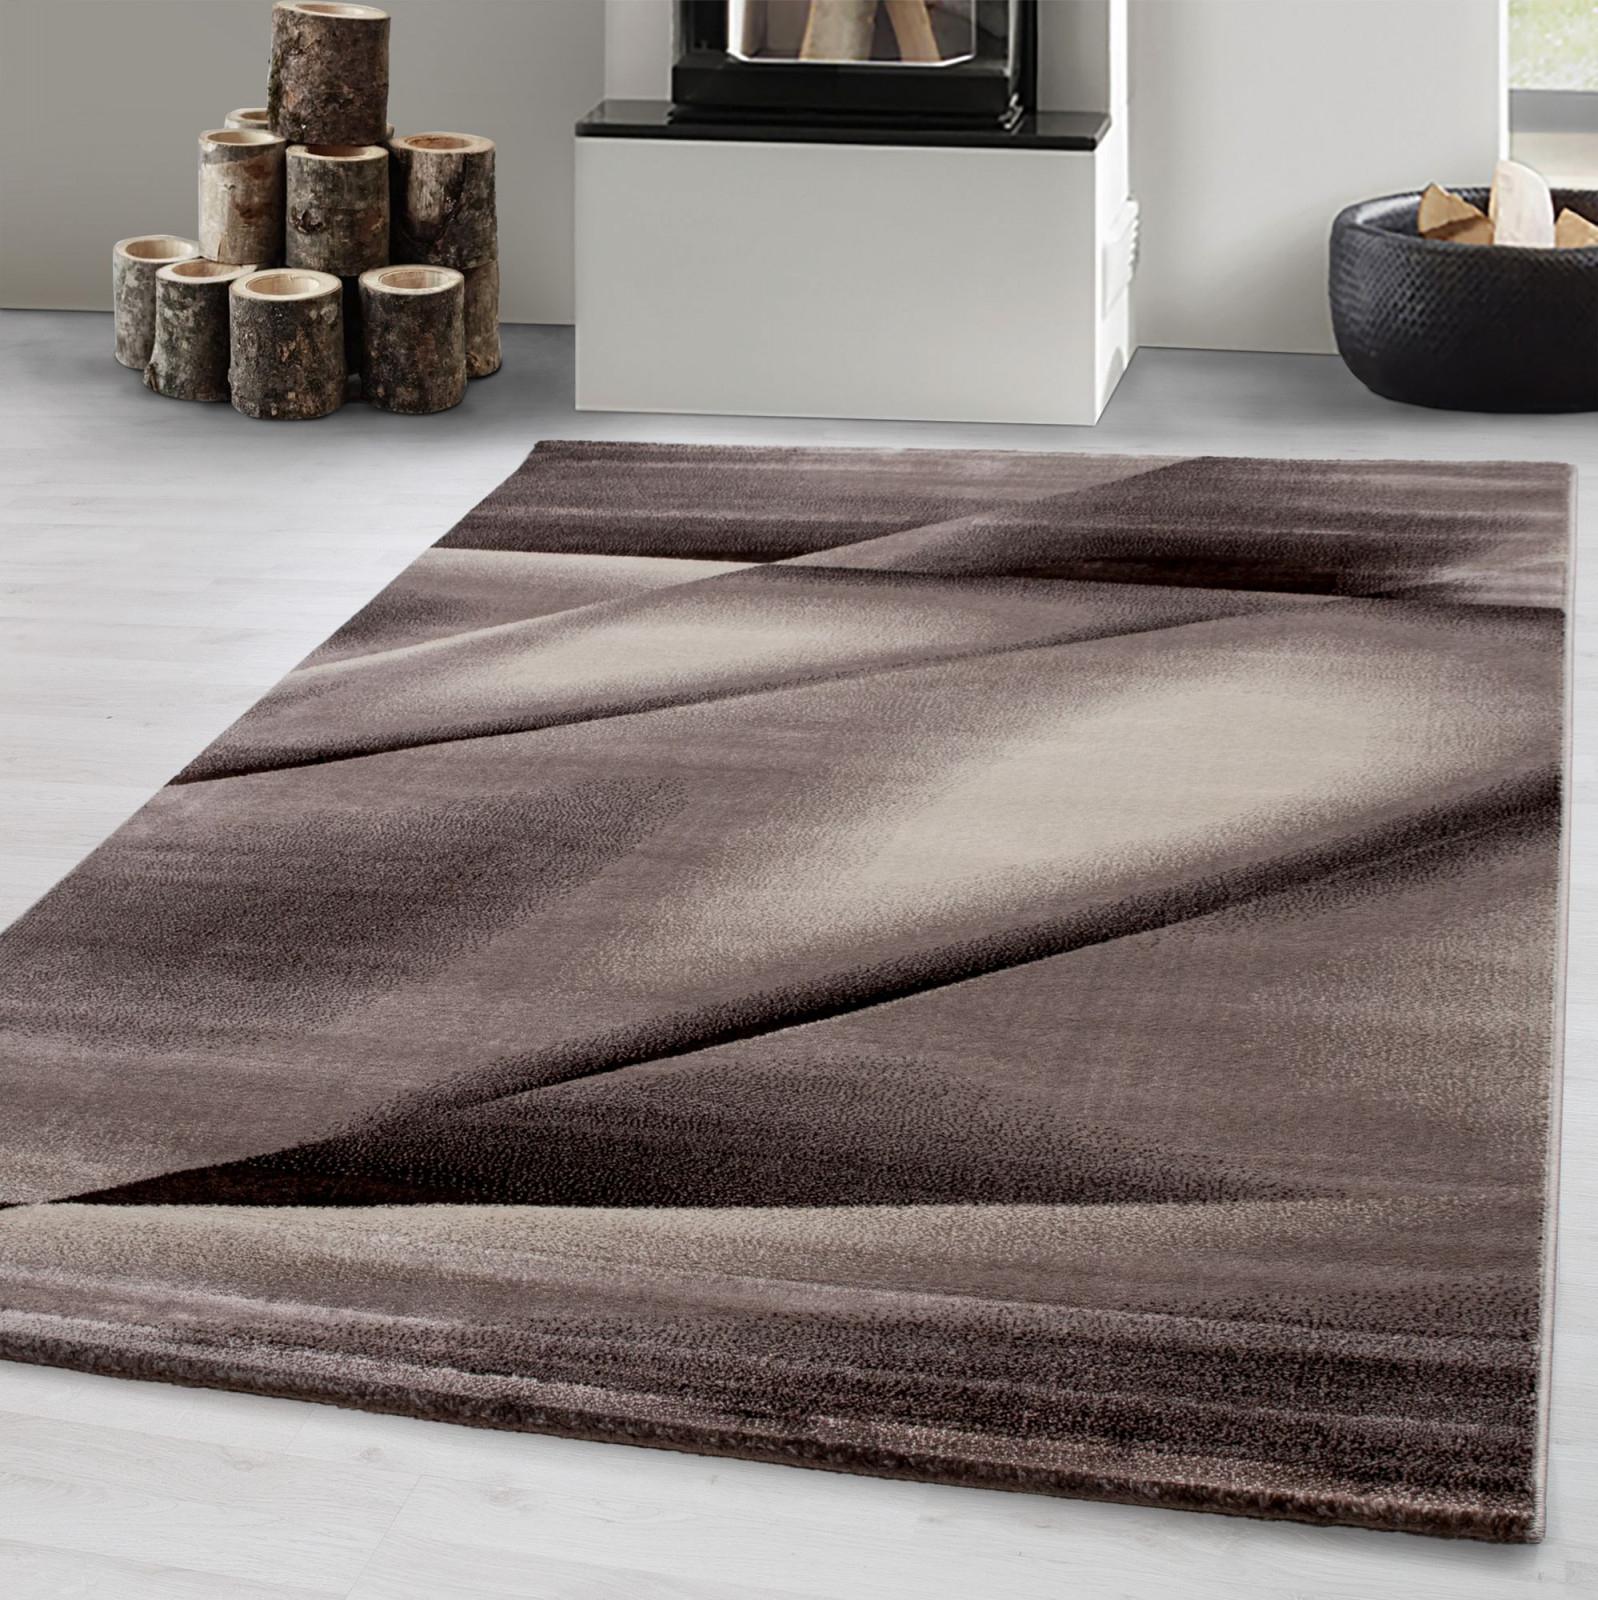 Designer Teppich Kurzflorwohnzimmerteppichlinien Wellen Gemustertbraun   Mono Home Gmbh von Wohnzimmer Teppich Braun Bild